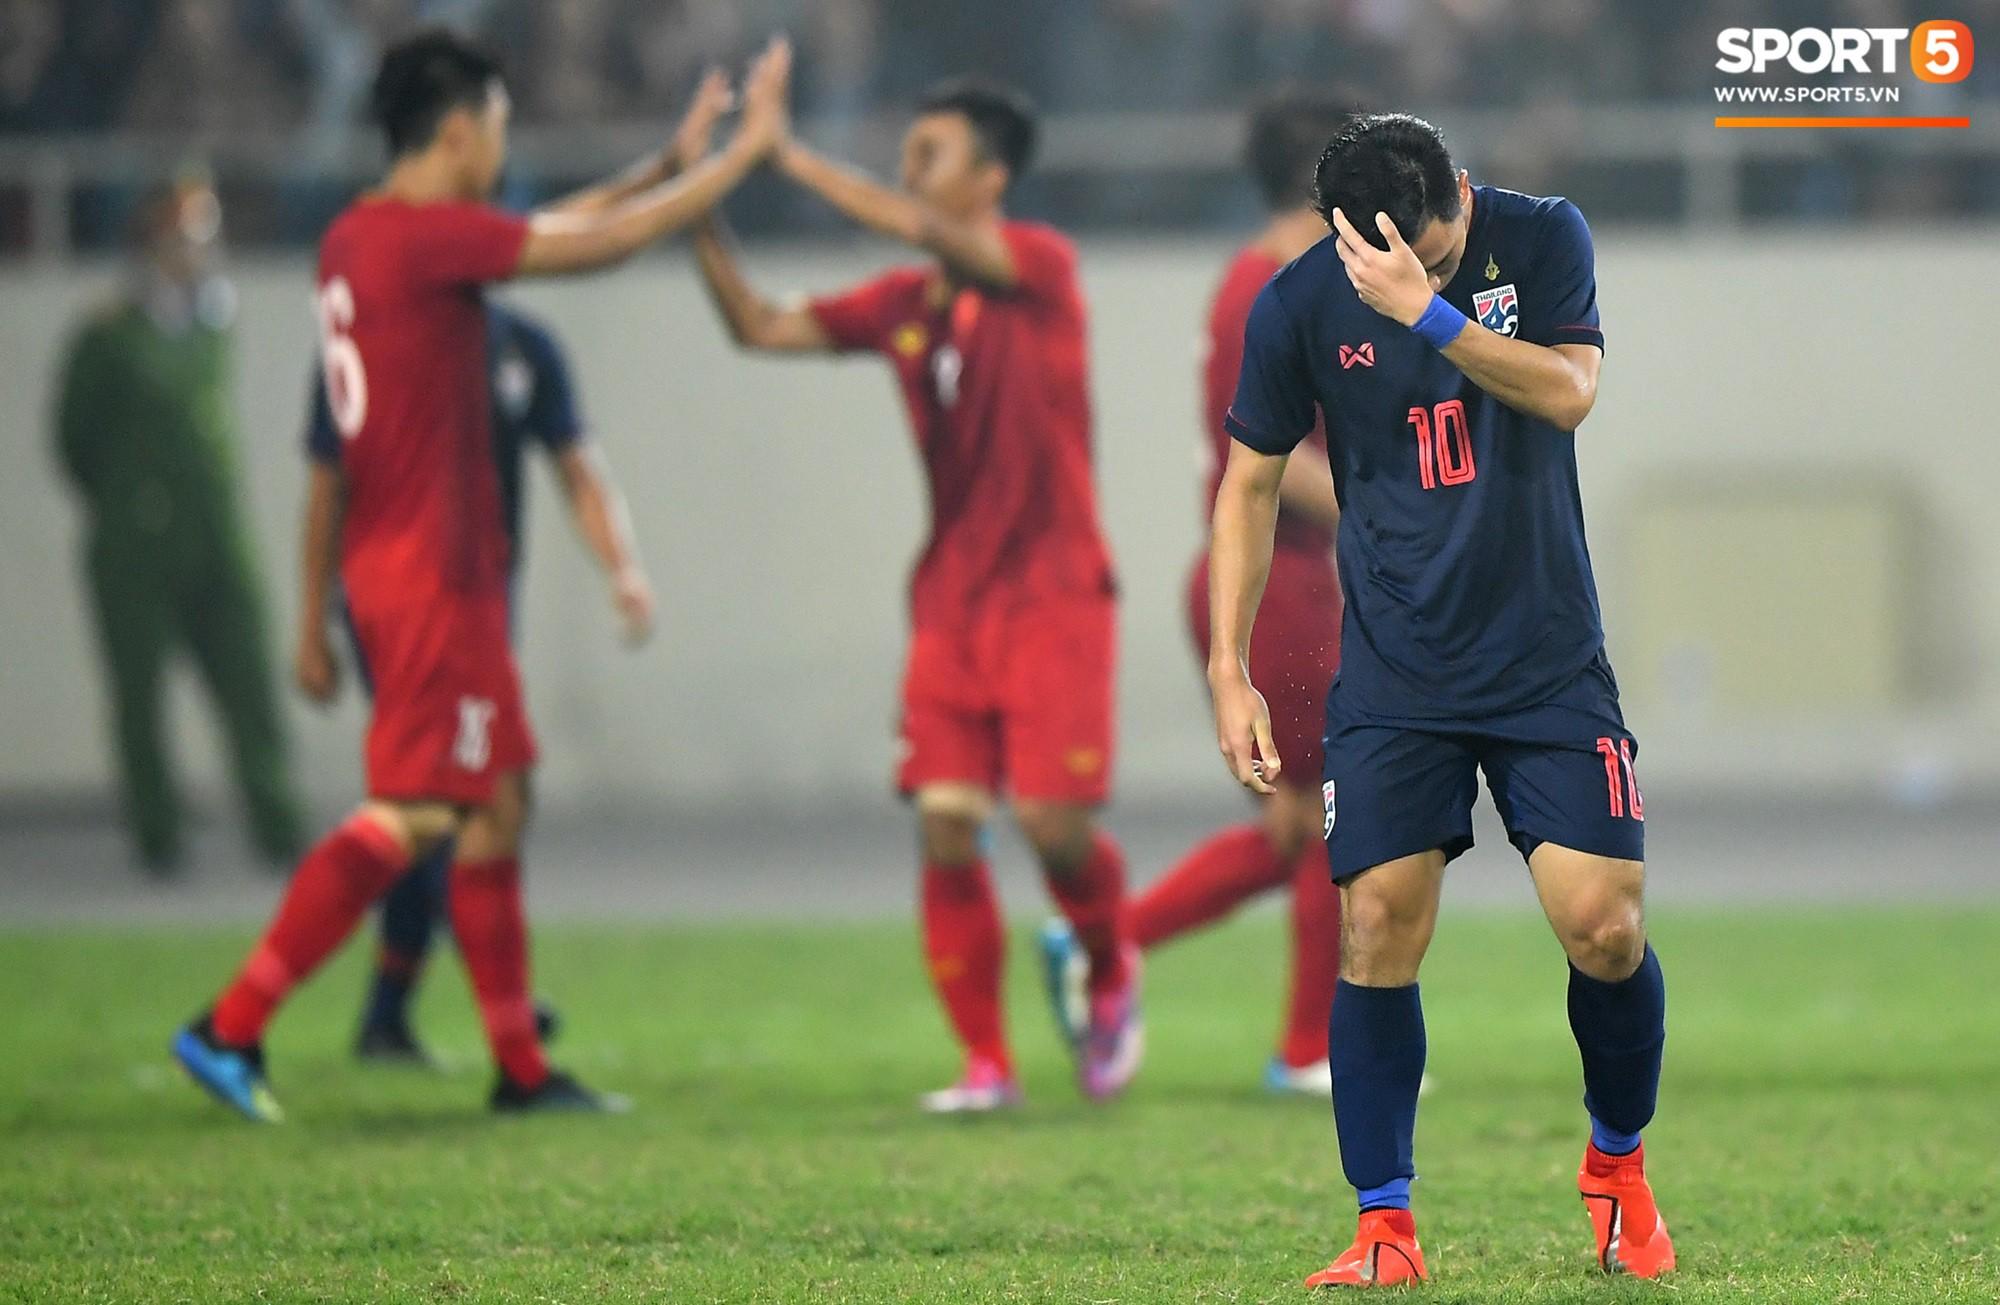 Bị cảnh cáo nhưng không chịu thay đổi, Thái Lan đối mặt nguy cơ bị loại khỏi VCK U23 Châu Á-2